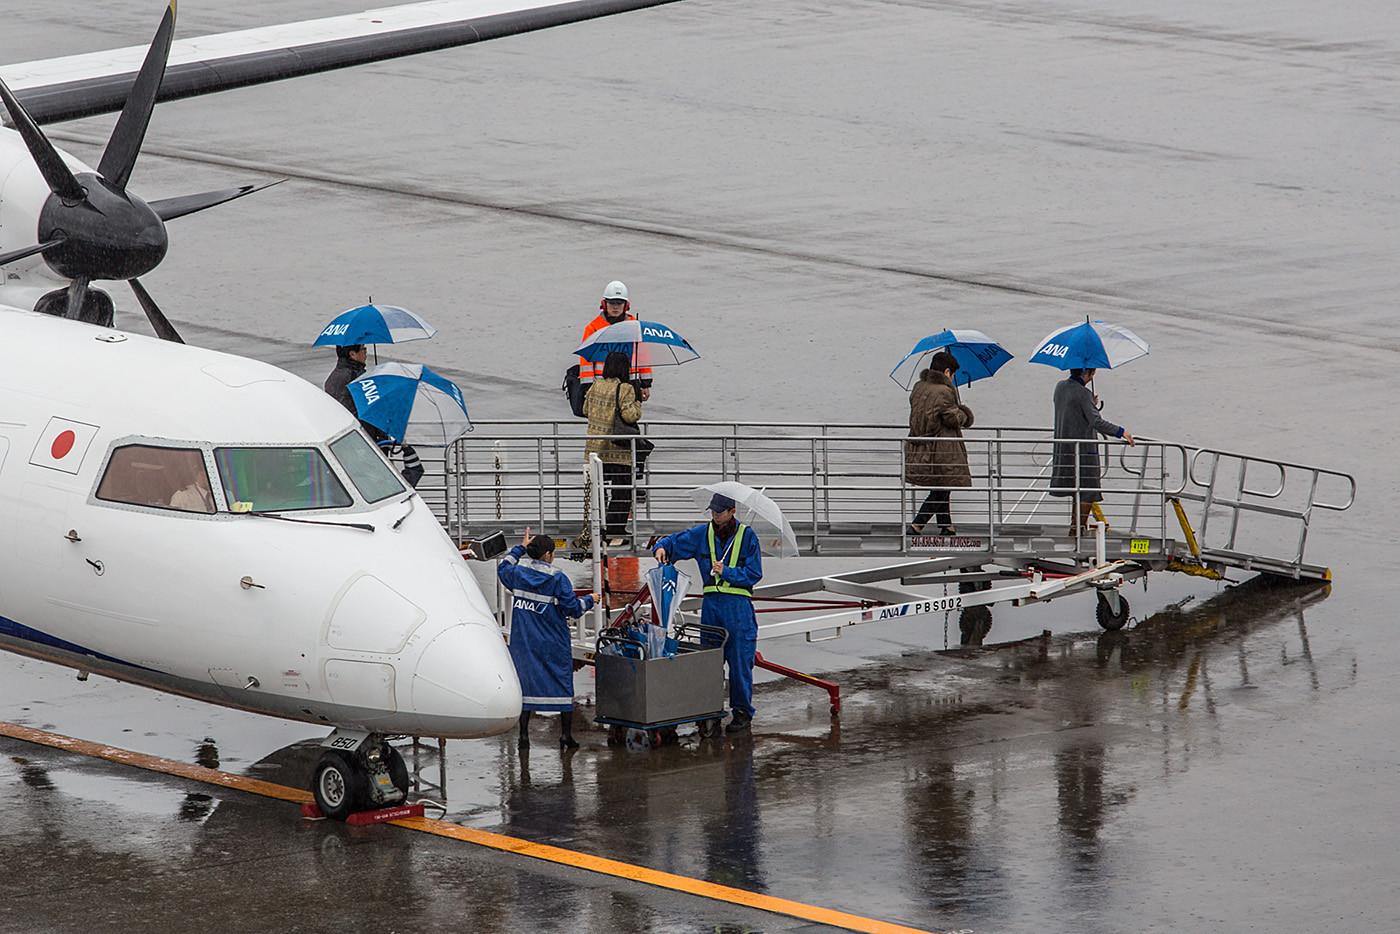 Hier nochmal eine andere Variante um den Passagieren den Regen zu ersparen, jeder erhält einen Schirm.